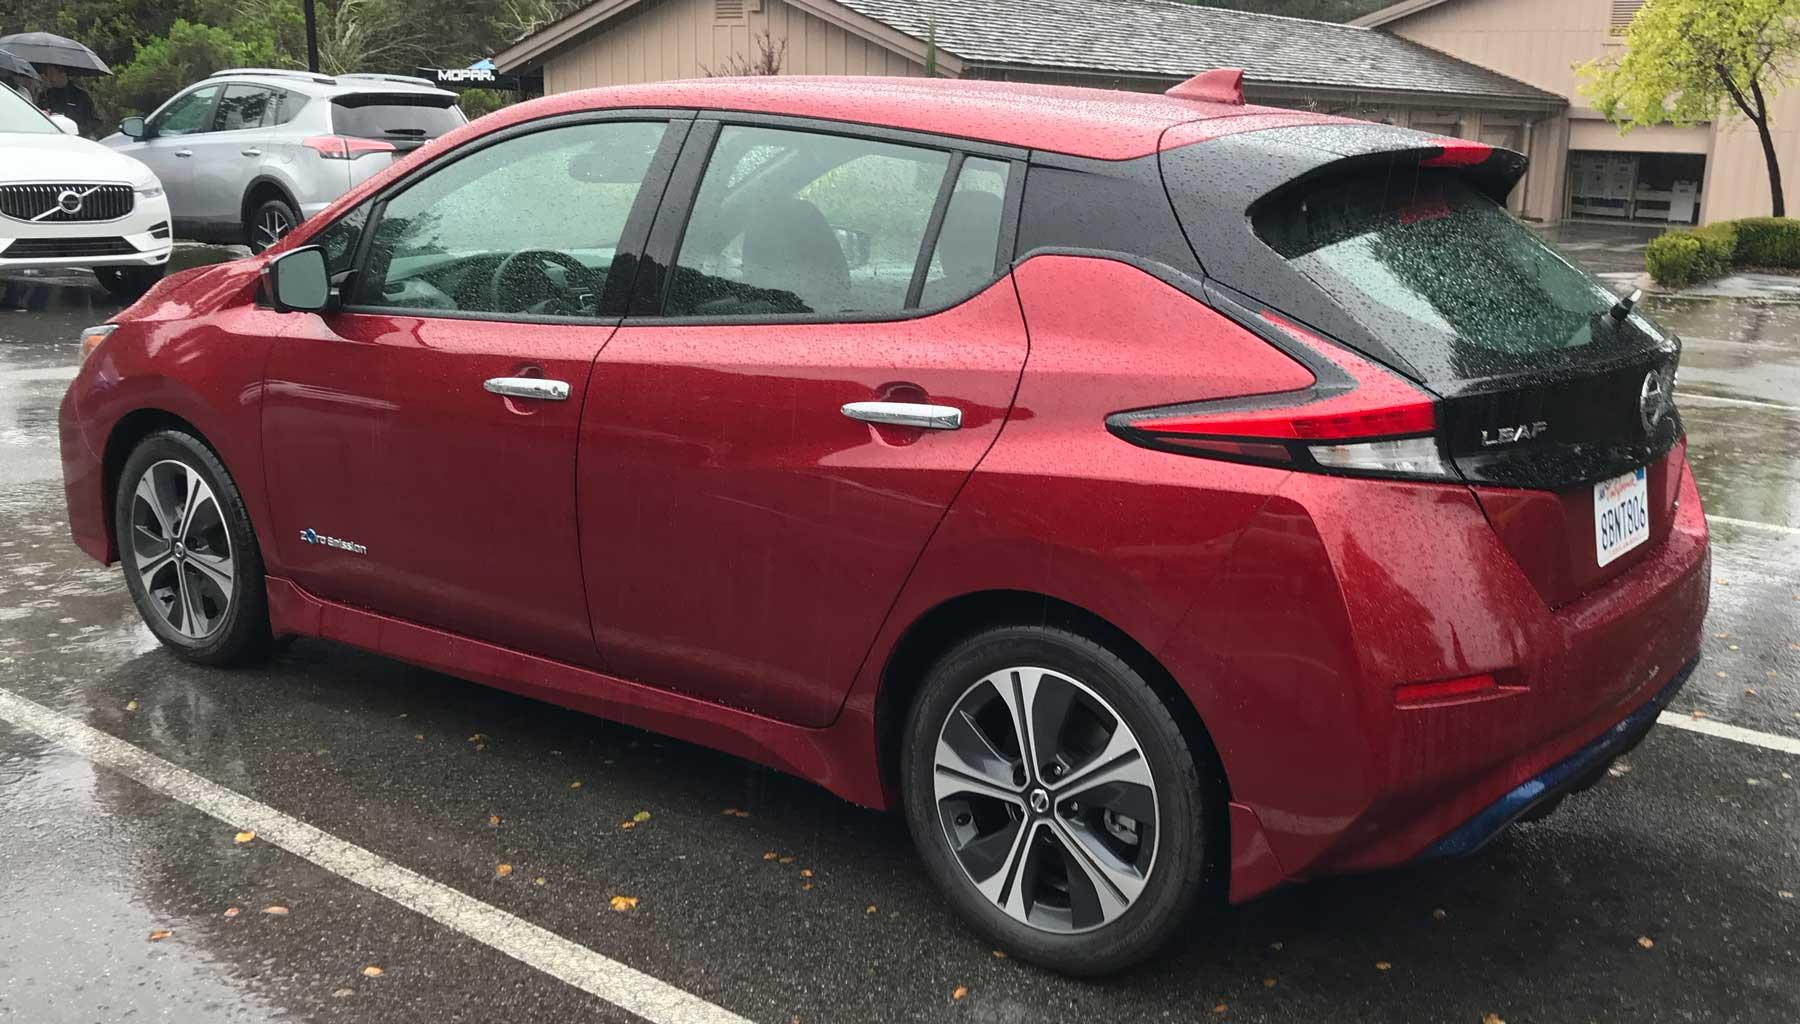 Nissan-Leaf-rear.jpg